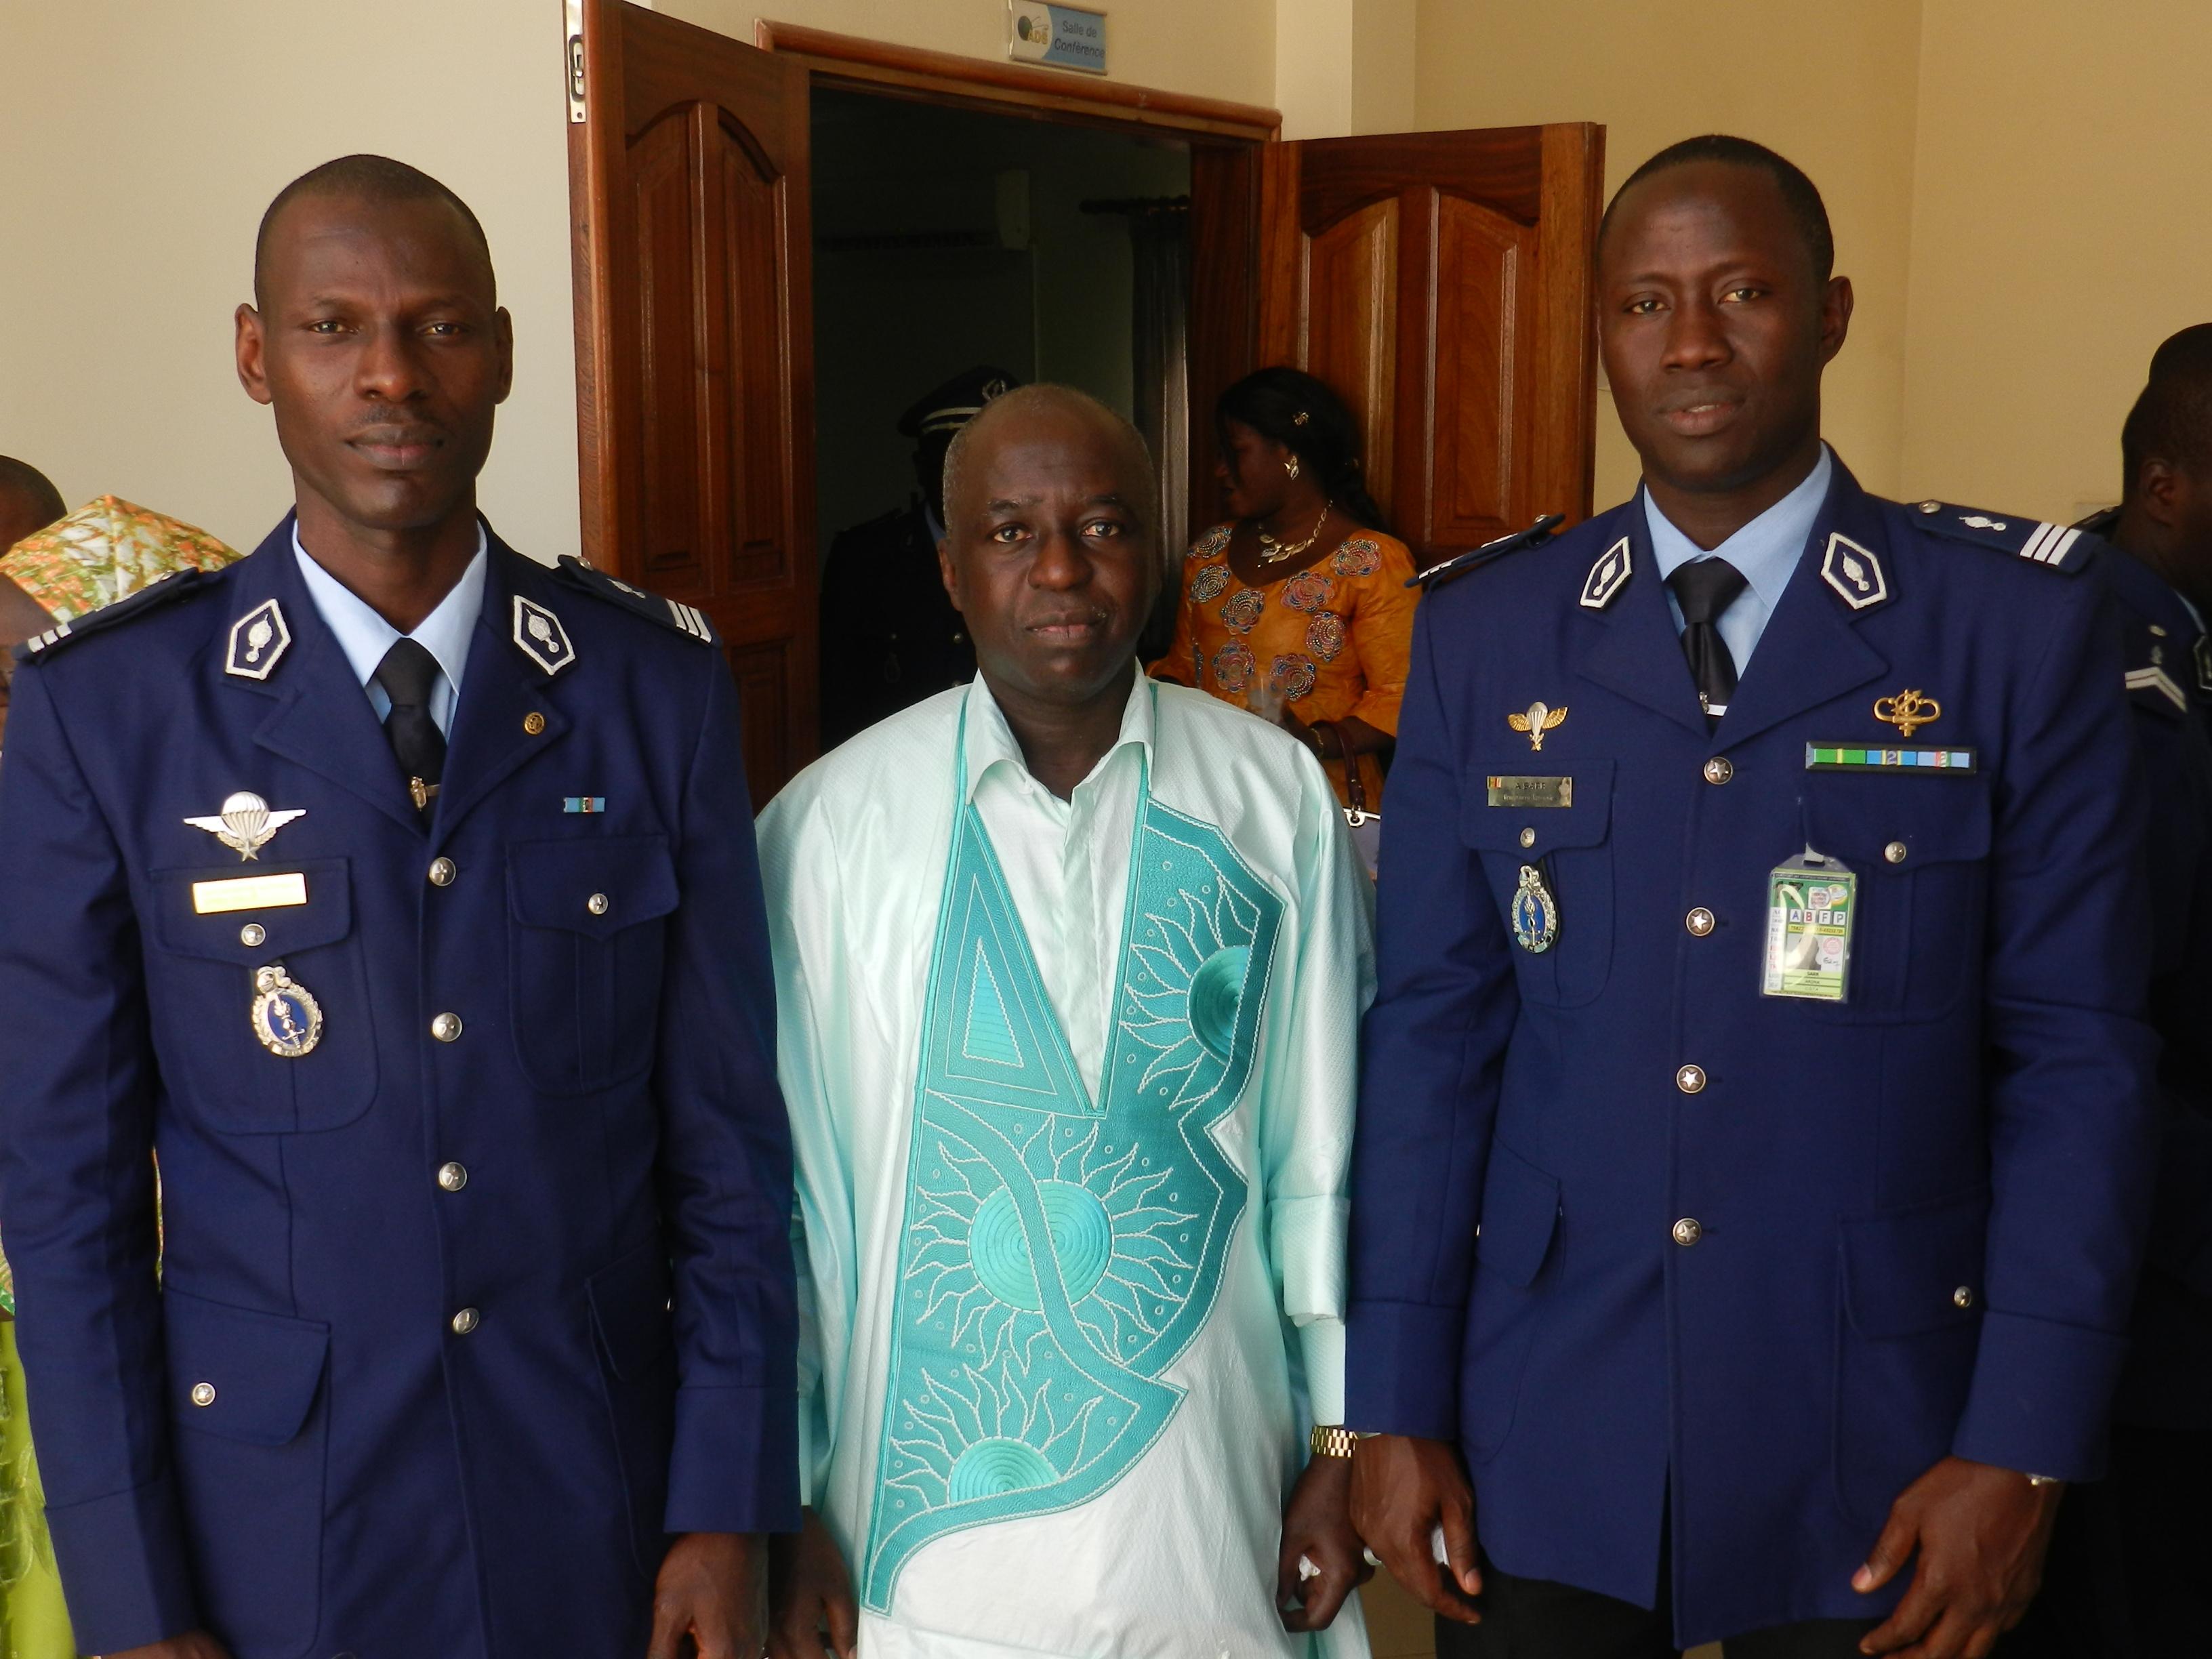 Le DG des ADS entouré par le capitaine SARR à droite et le capitaine Samba Diallo